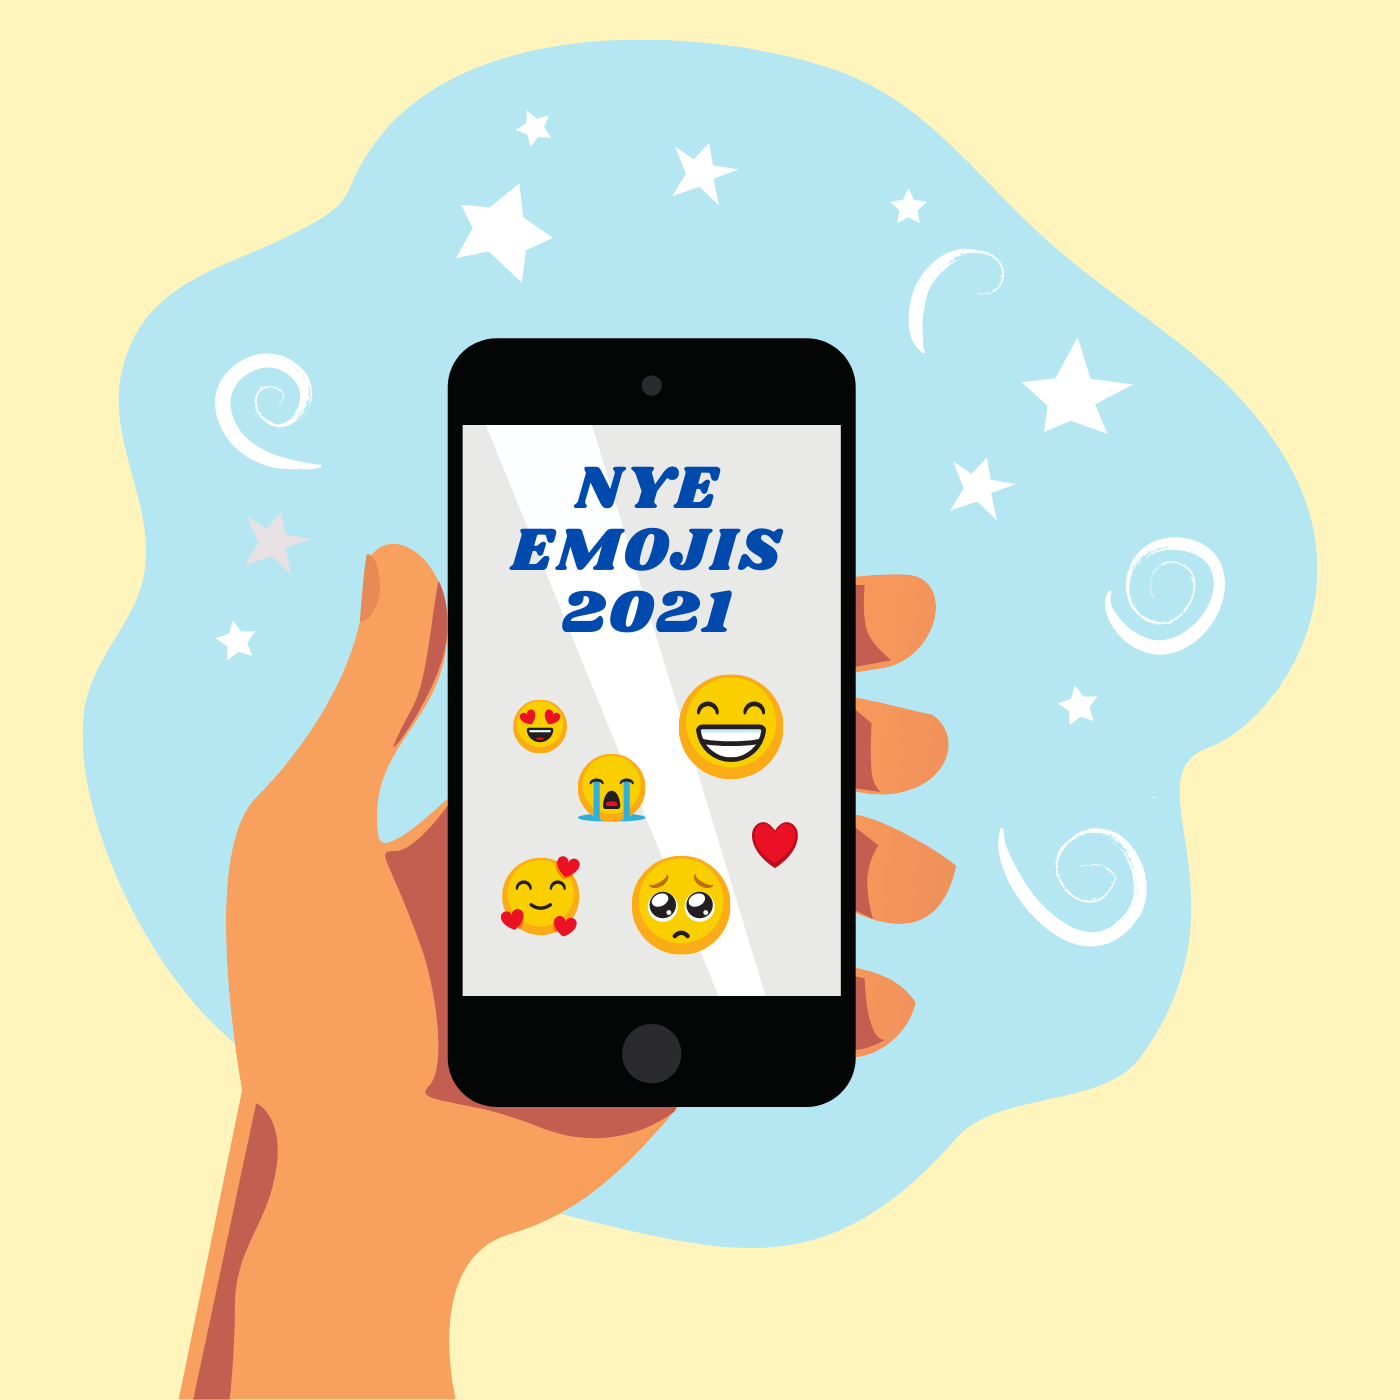 Nye emojis